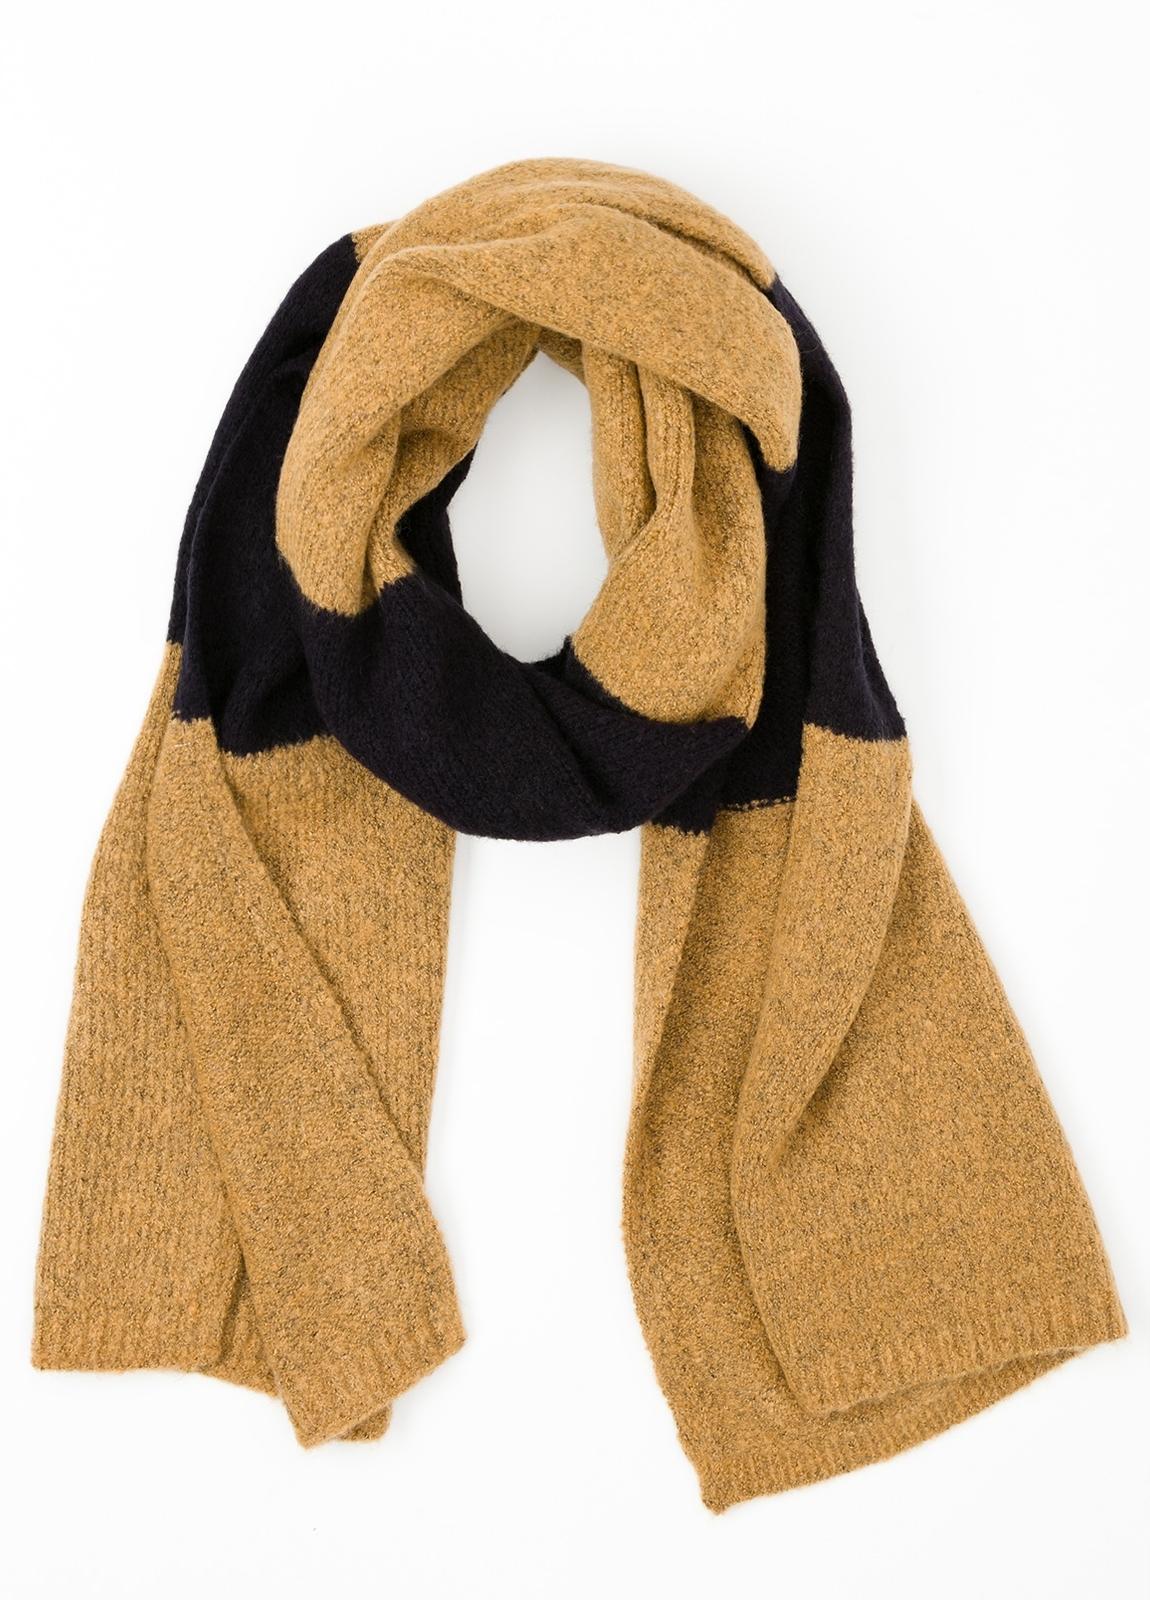 Bufanda de rayas anchas color amarillo, 180 x 40 cm, mezcla de lana cepillada.